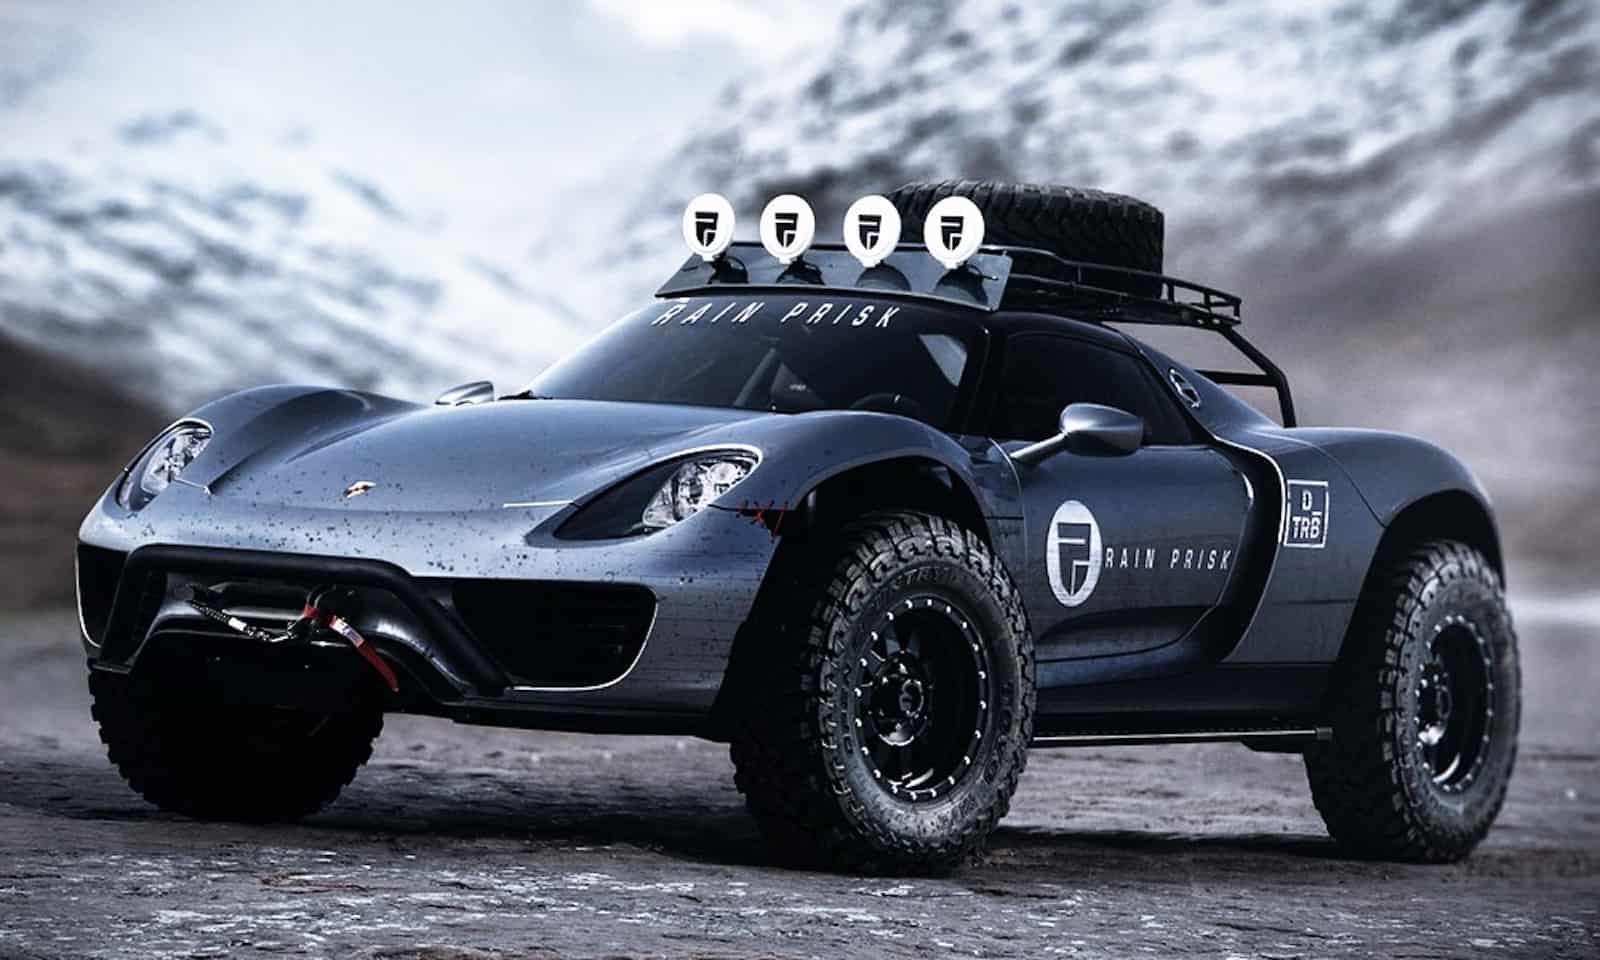 Best Overland Vehicles >> A 608-Horsepower Porsche 918 Spyder Off-Road Concept